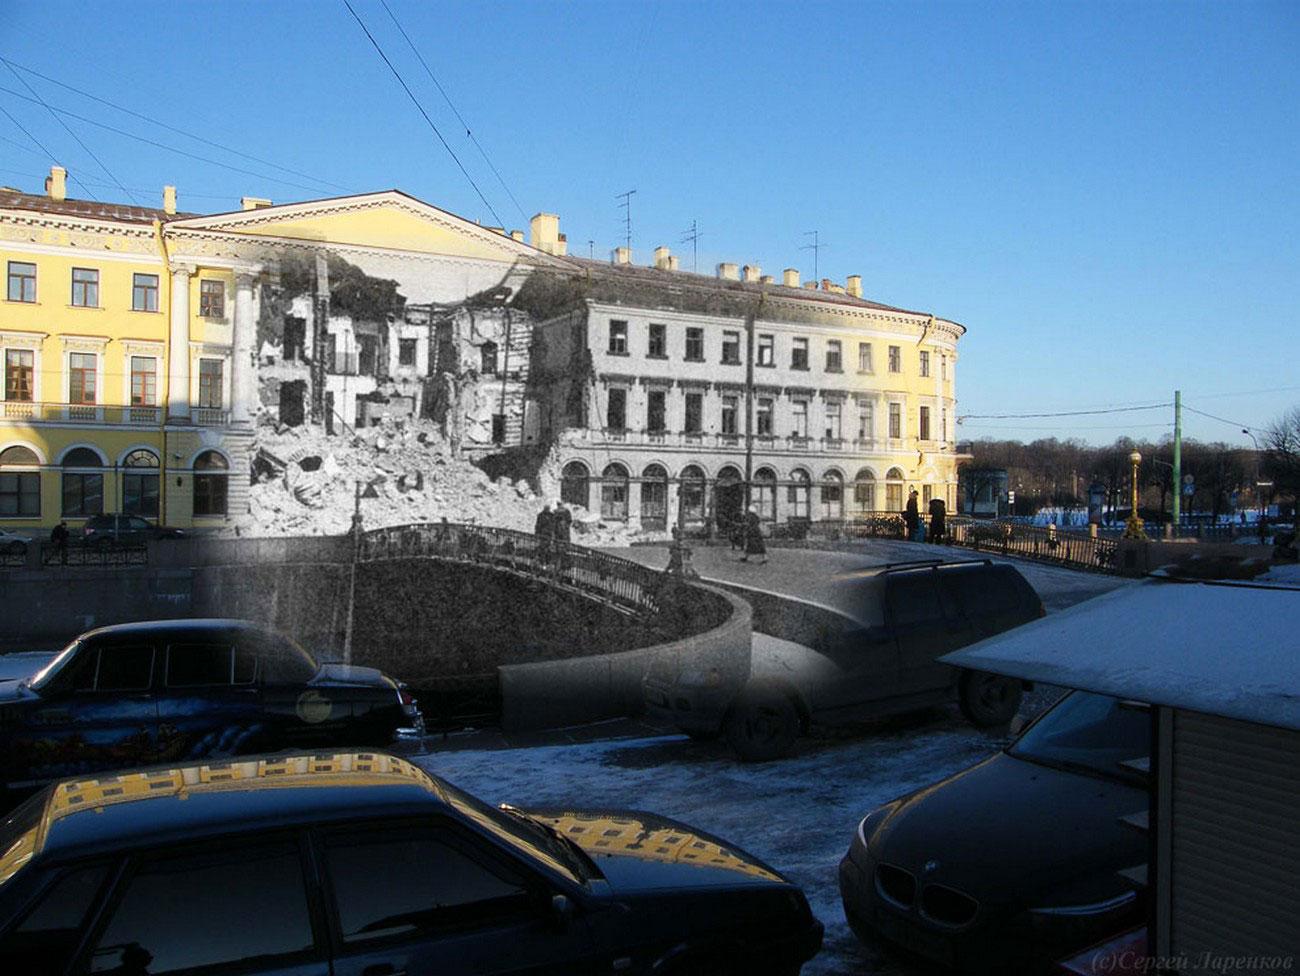 Здание пострадавшее от артобстрела